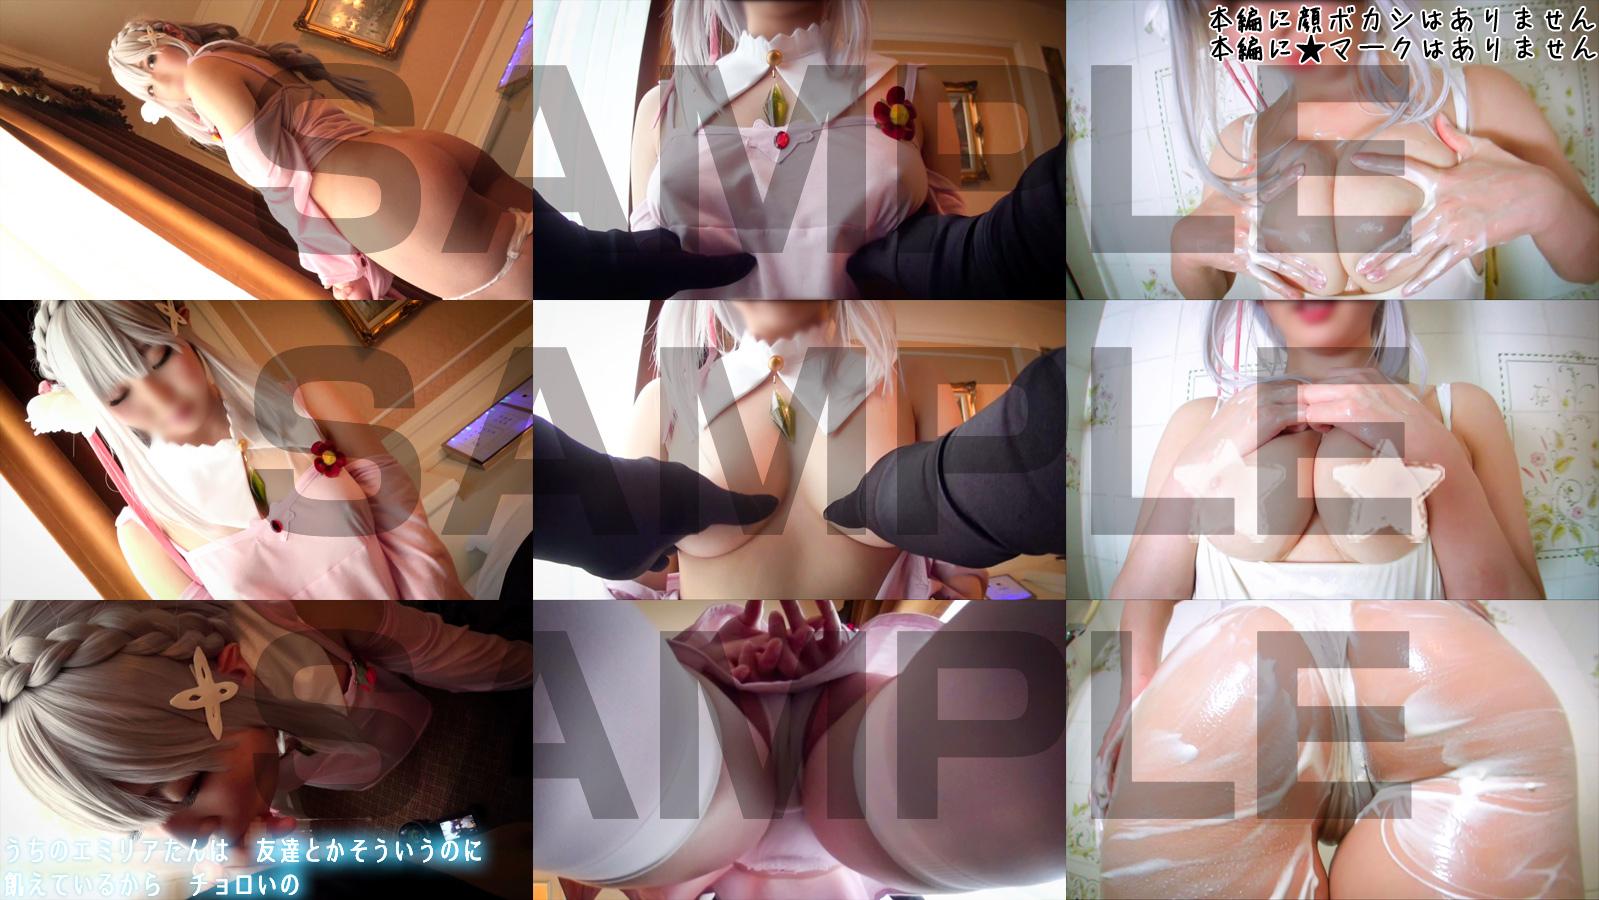 【画像専用】これ誰と聞けば教えてくれるスレ192 [無断転載禁止]©bbspink.comxvideo>1本 pornhost>1本 fc2>1本 ->画像>955枚